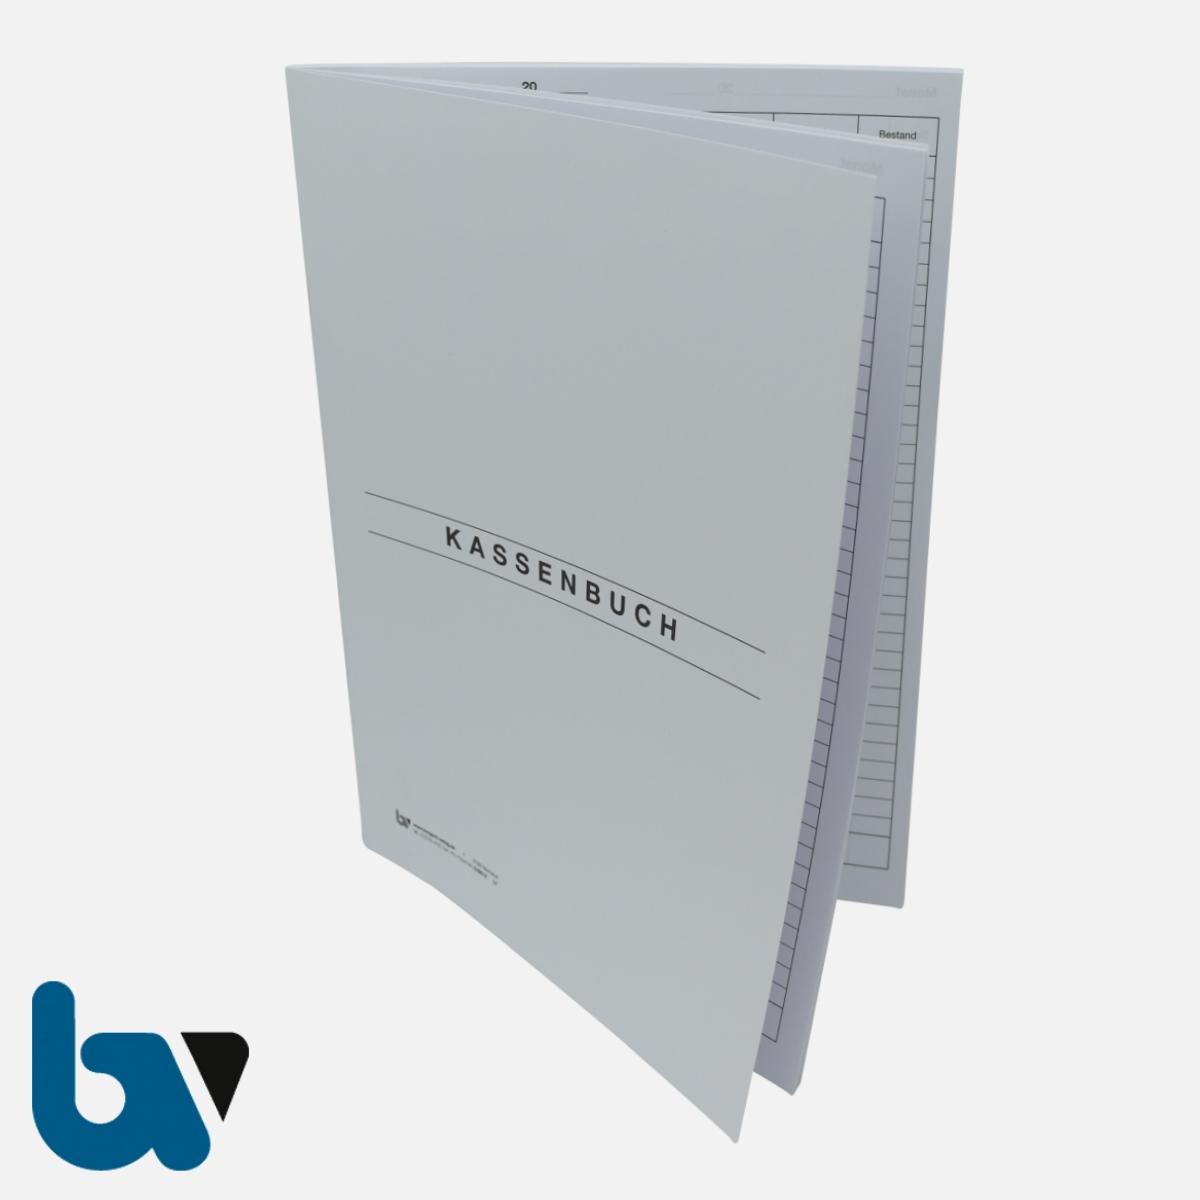 0/841-2 Kassenbuch Heft Doppik Doppisch 100 Seiten geheftet Außen | Borgard Verlag GmbH